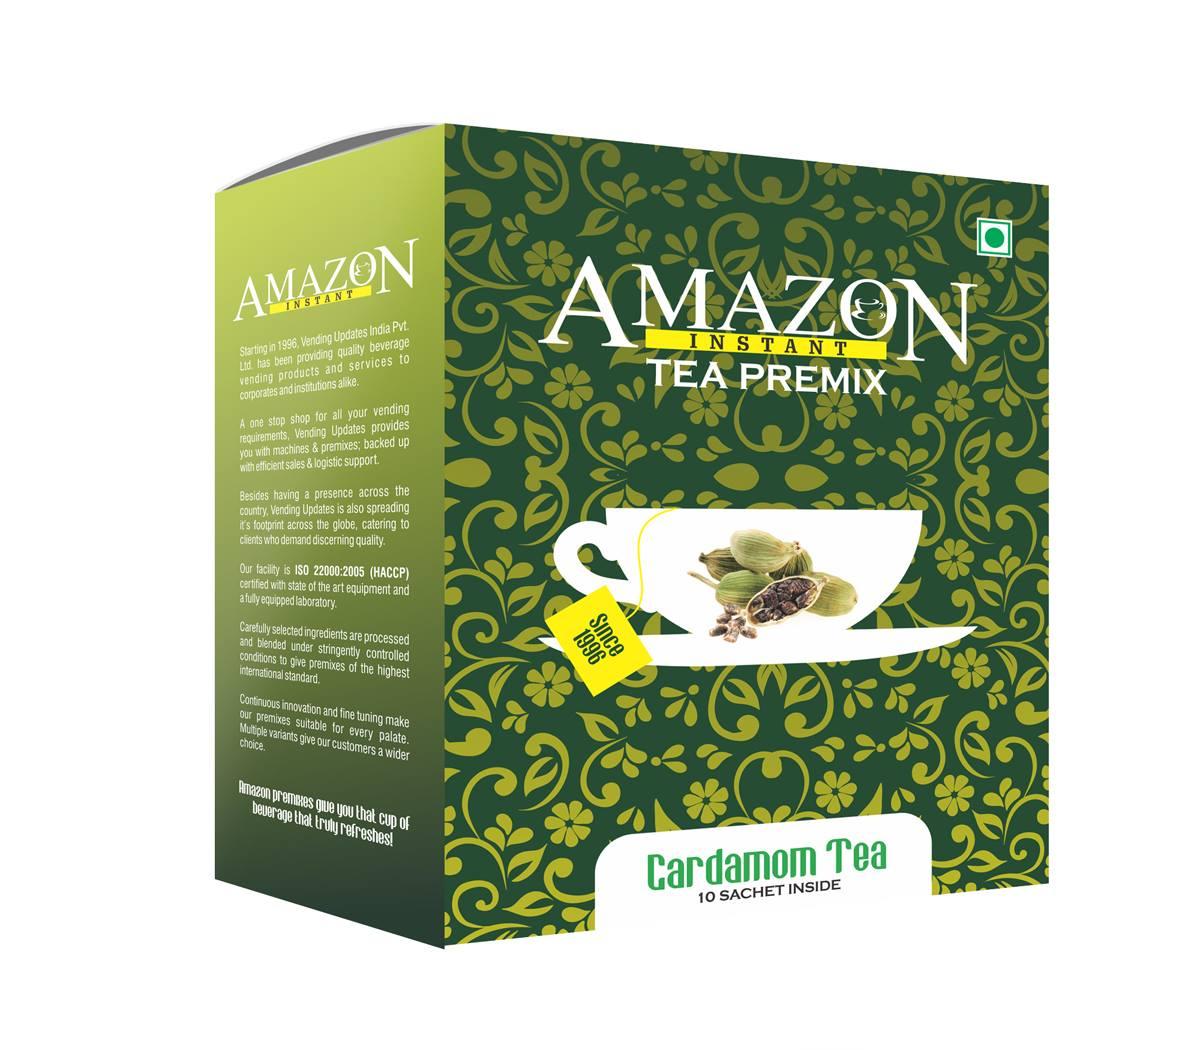 amazon_instant_tea_premix_front_cardamom